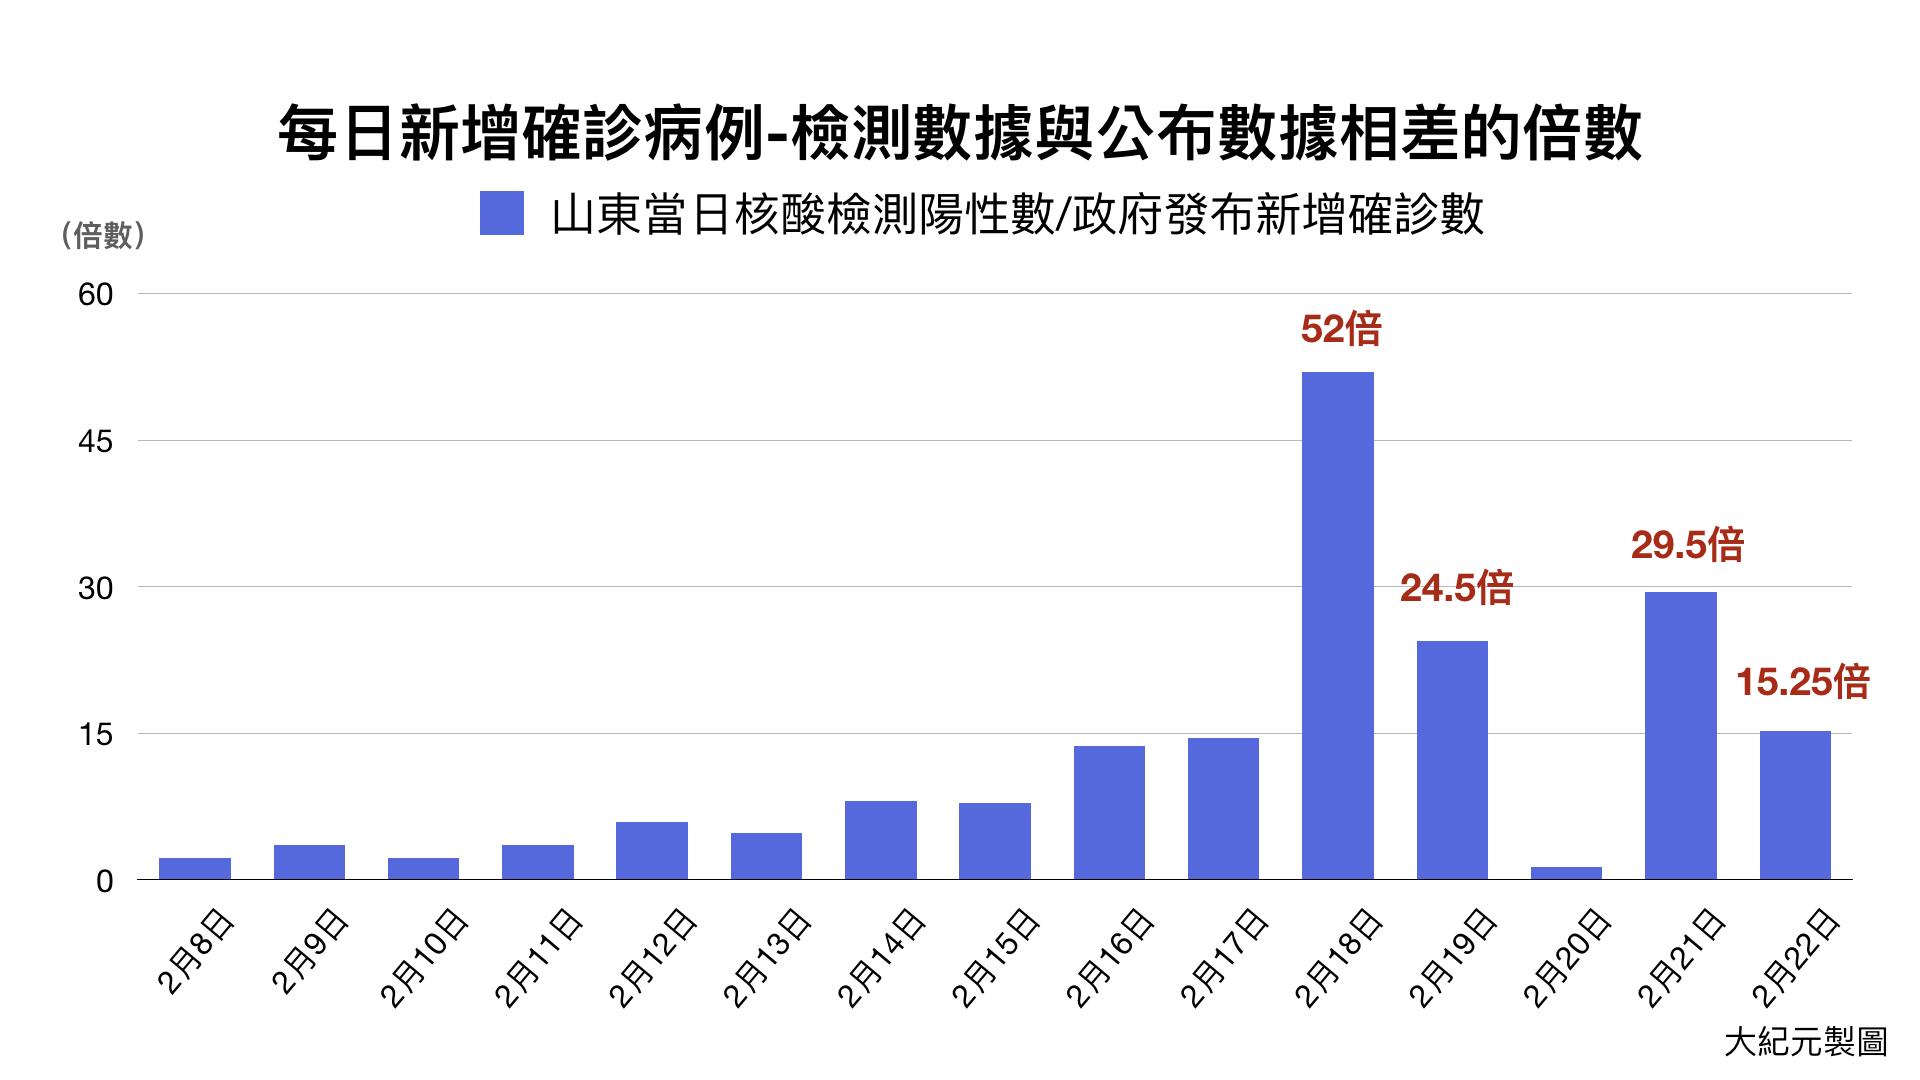 山東每日新增確診病例與公佈數據相差的倍數。(大紀元)